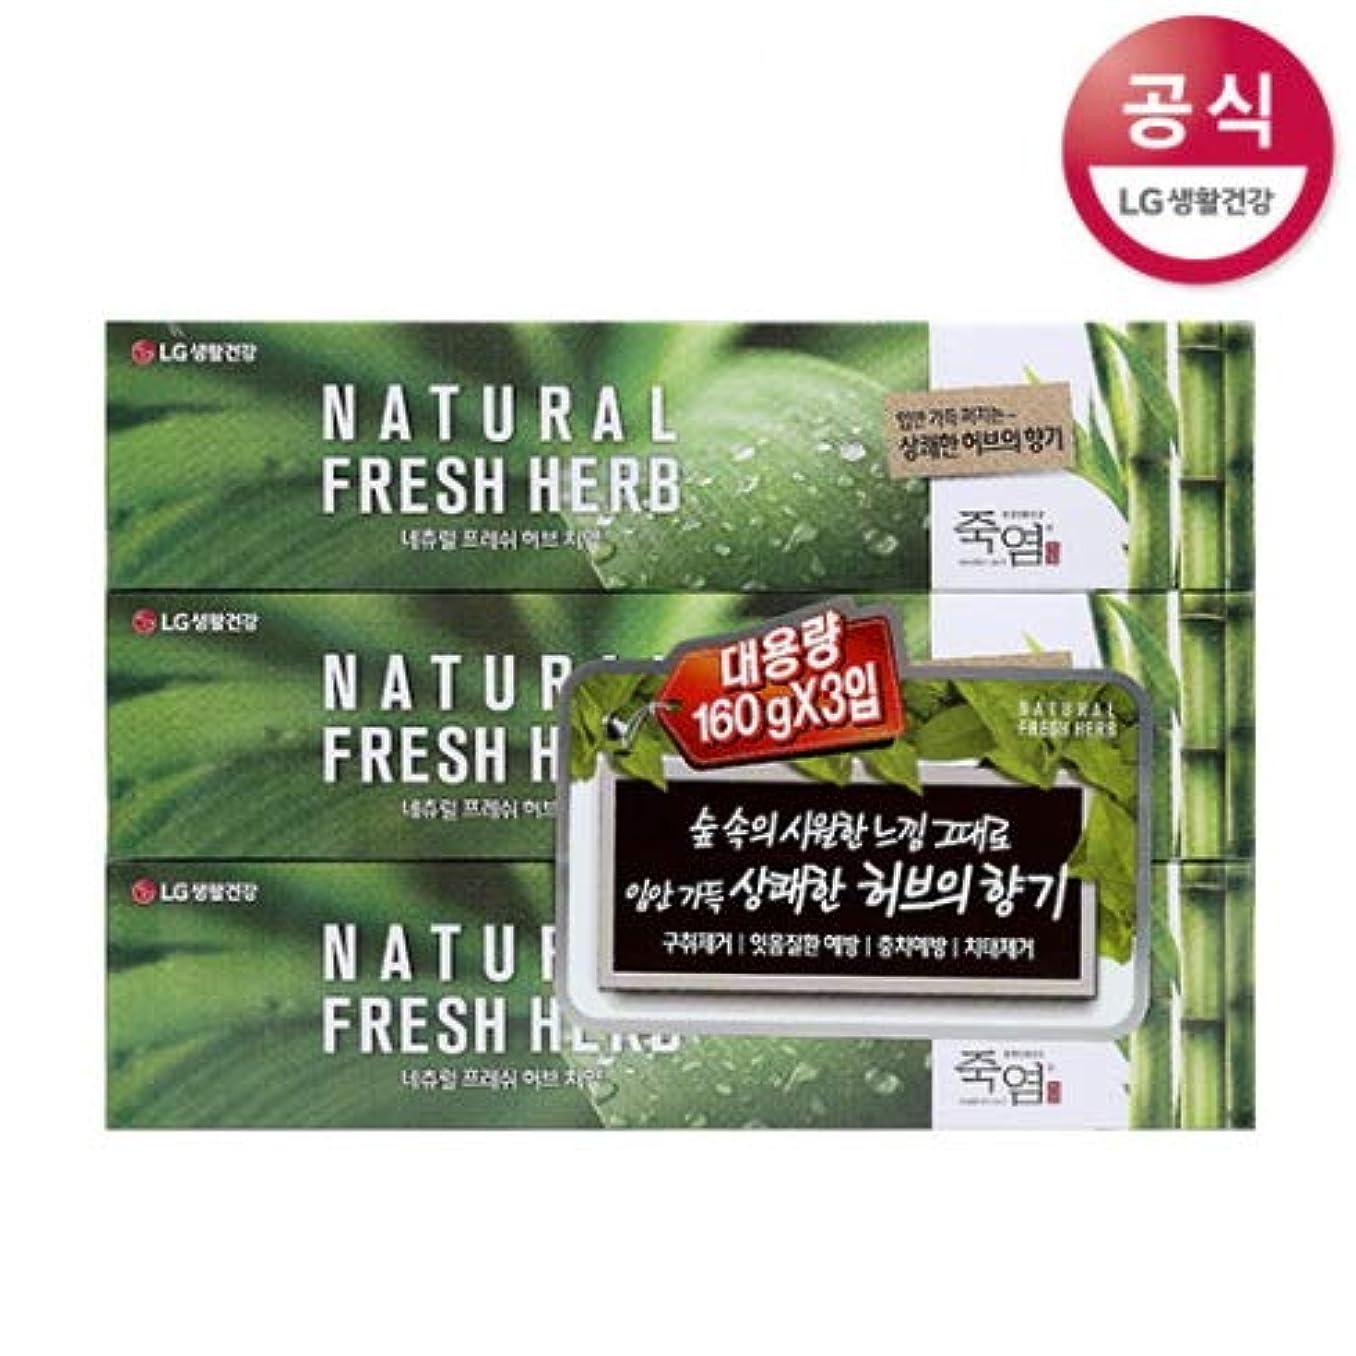 承認最初メジャー[LG HnB] Bamboo Salt Natural Fresh Herbal Toothpaste/竹塩ナチュラルフレッシュハーブ歯磨き粉 160gx3個(海外直送品)